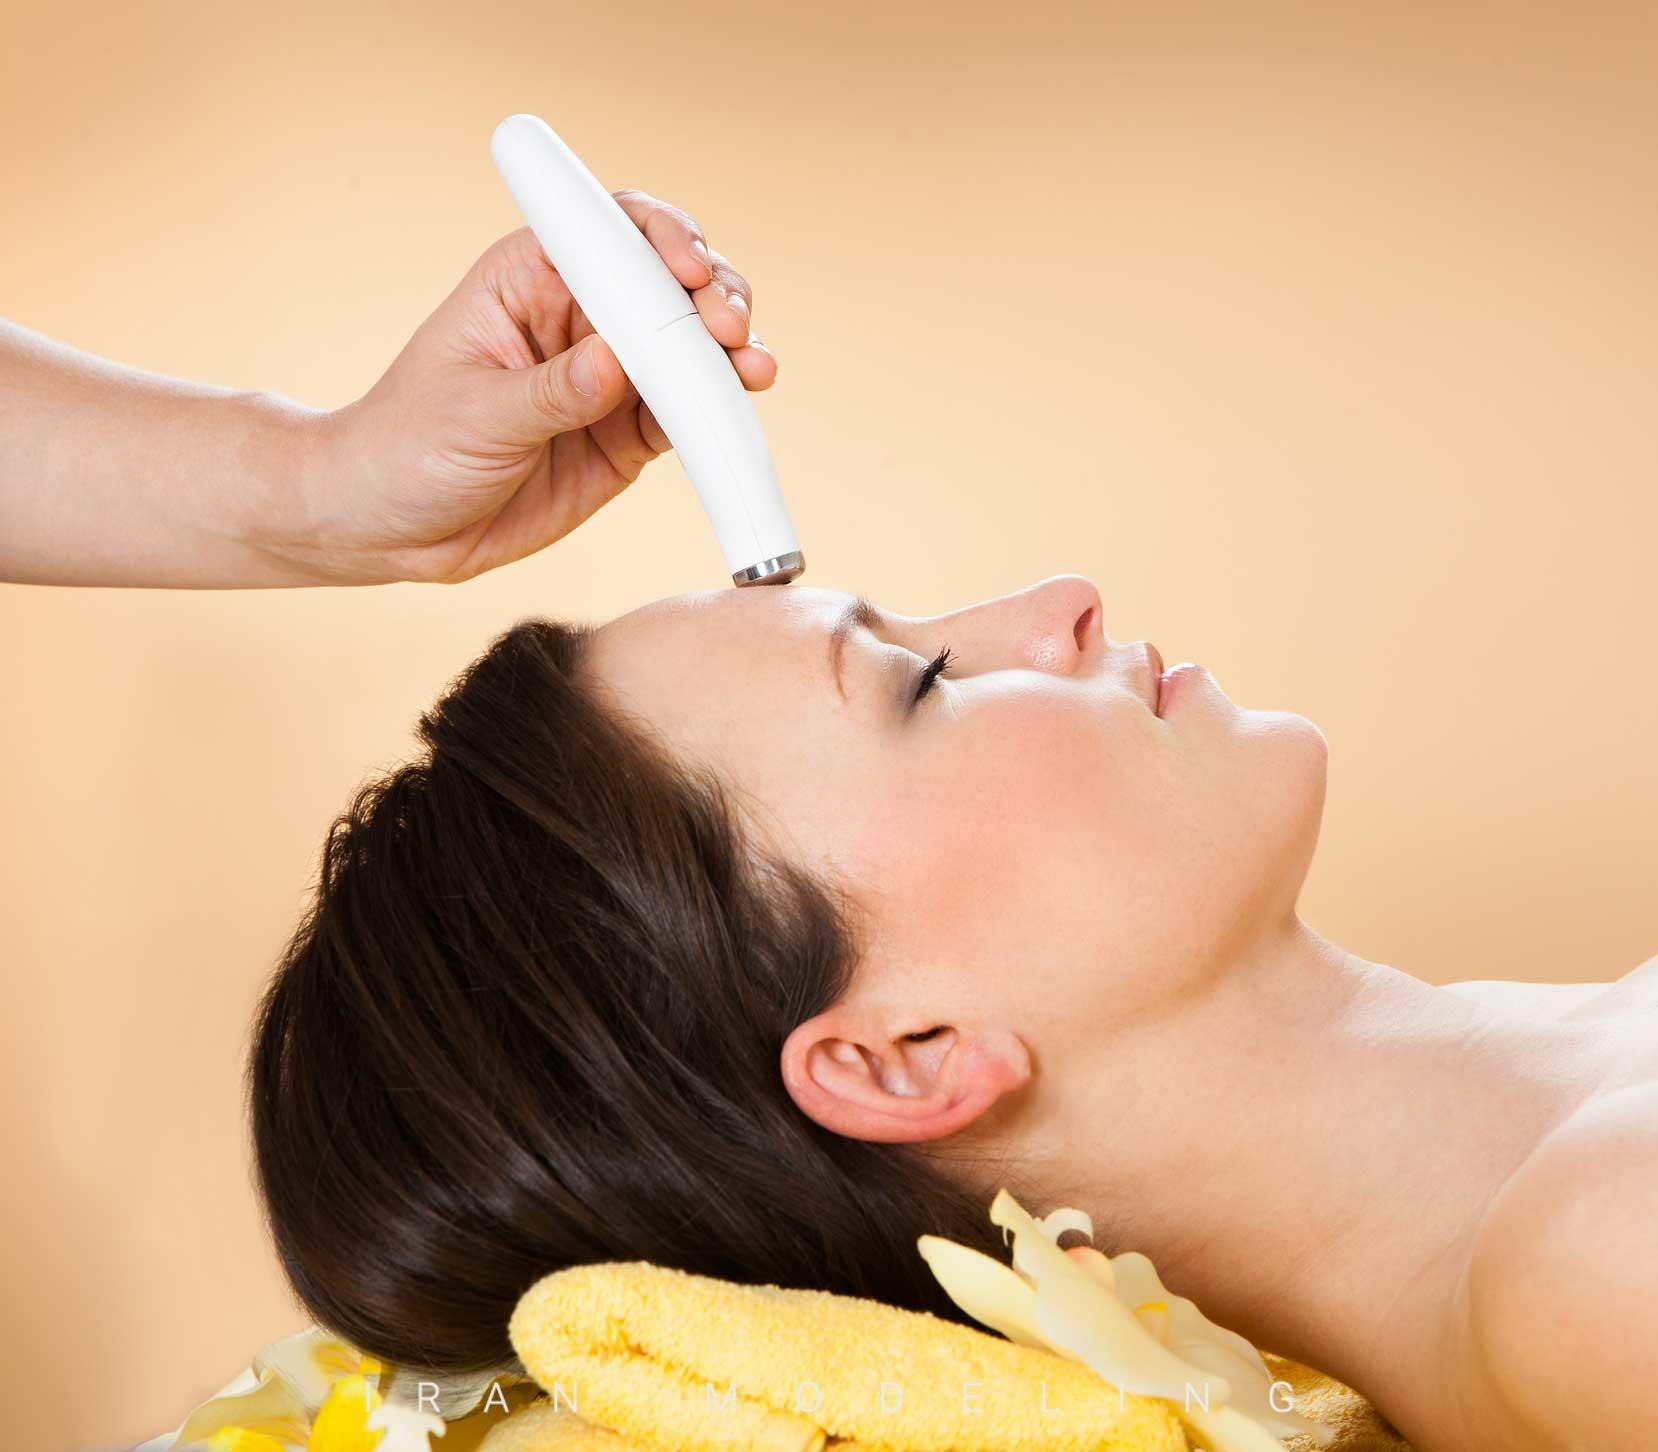 به طور کامل با میکرودِرم ابریژن این درمان کننده جدید مشکلات پوستی آشنا شوید